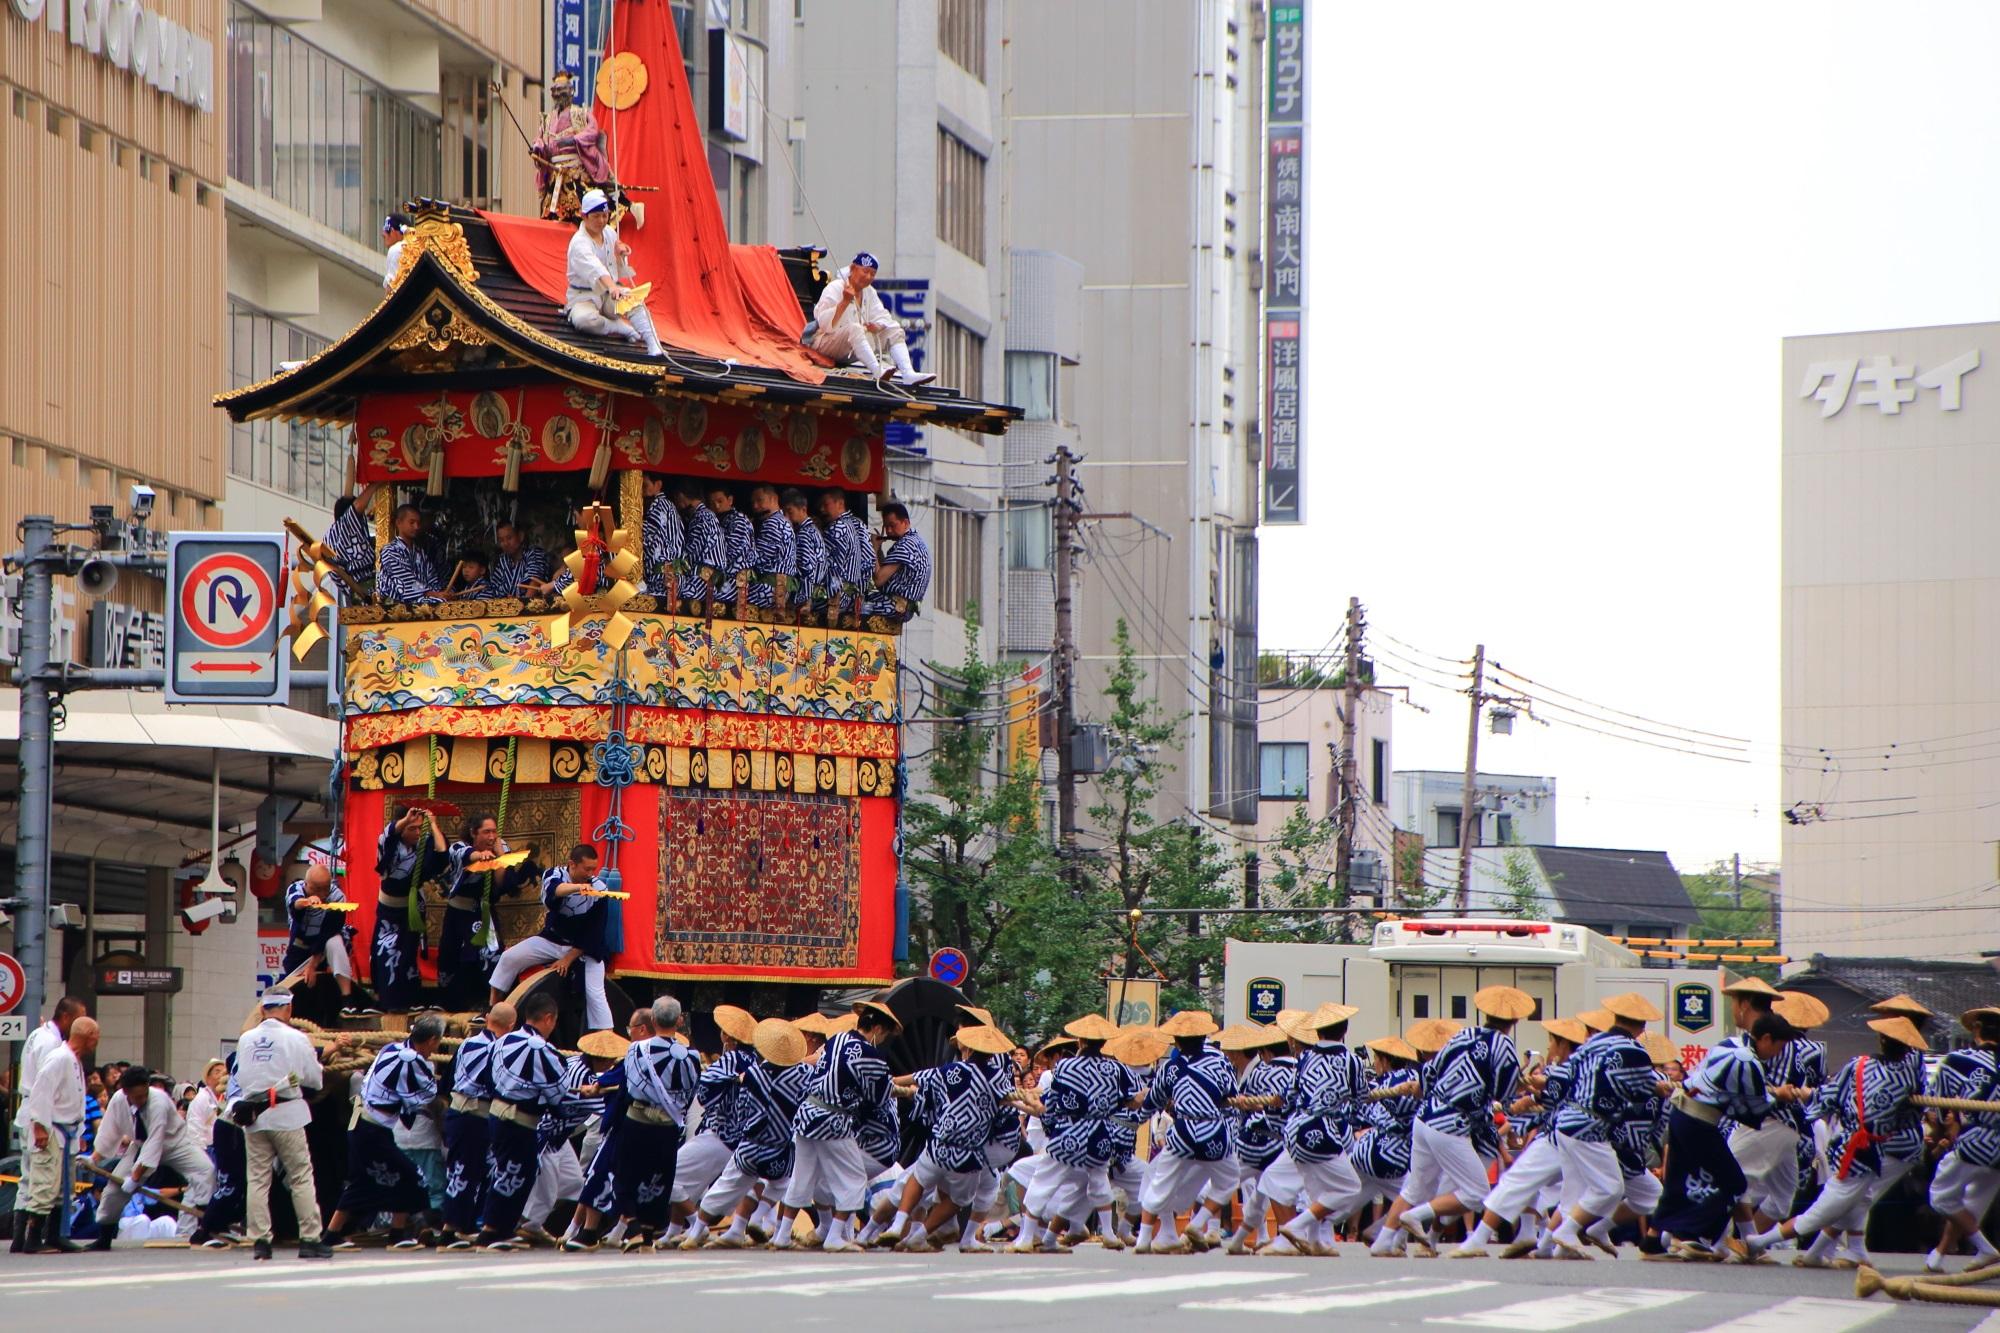 辻回し 山鉾巡行 祇園祭 岩戸山